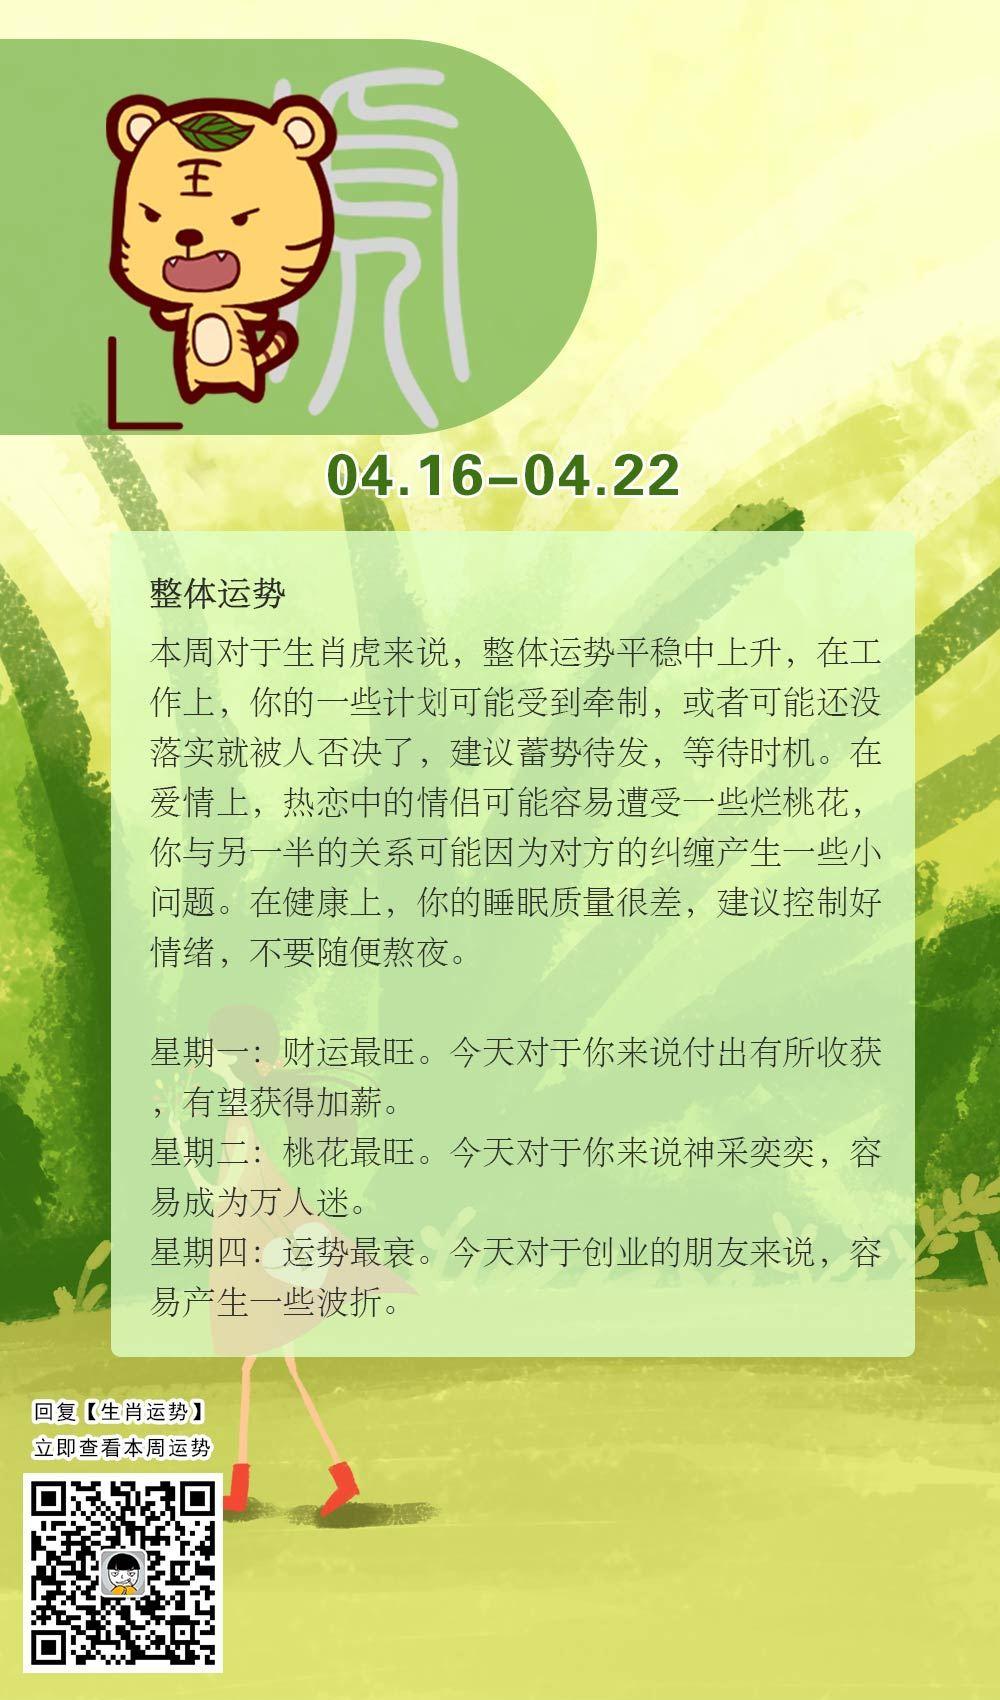 生肖虎本周运势【2018.04.16-04.22】